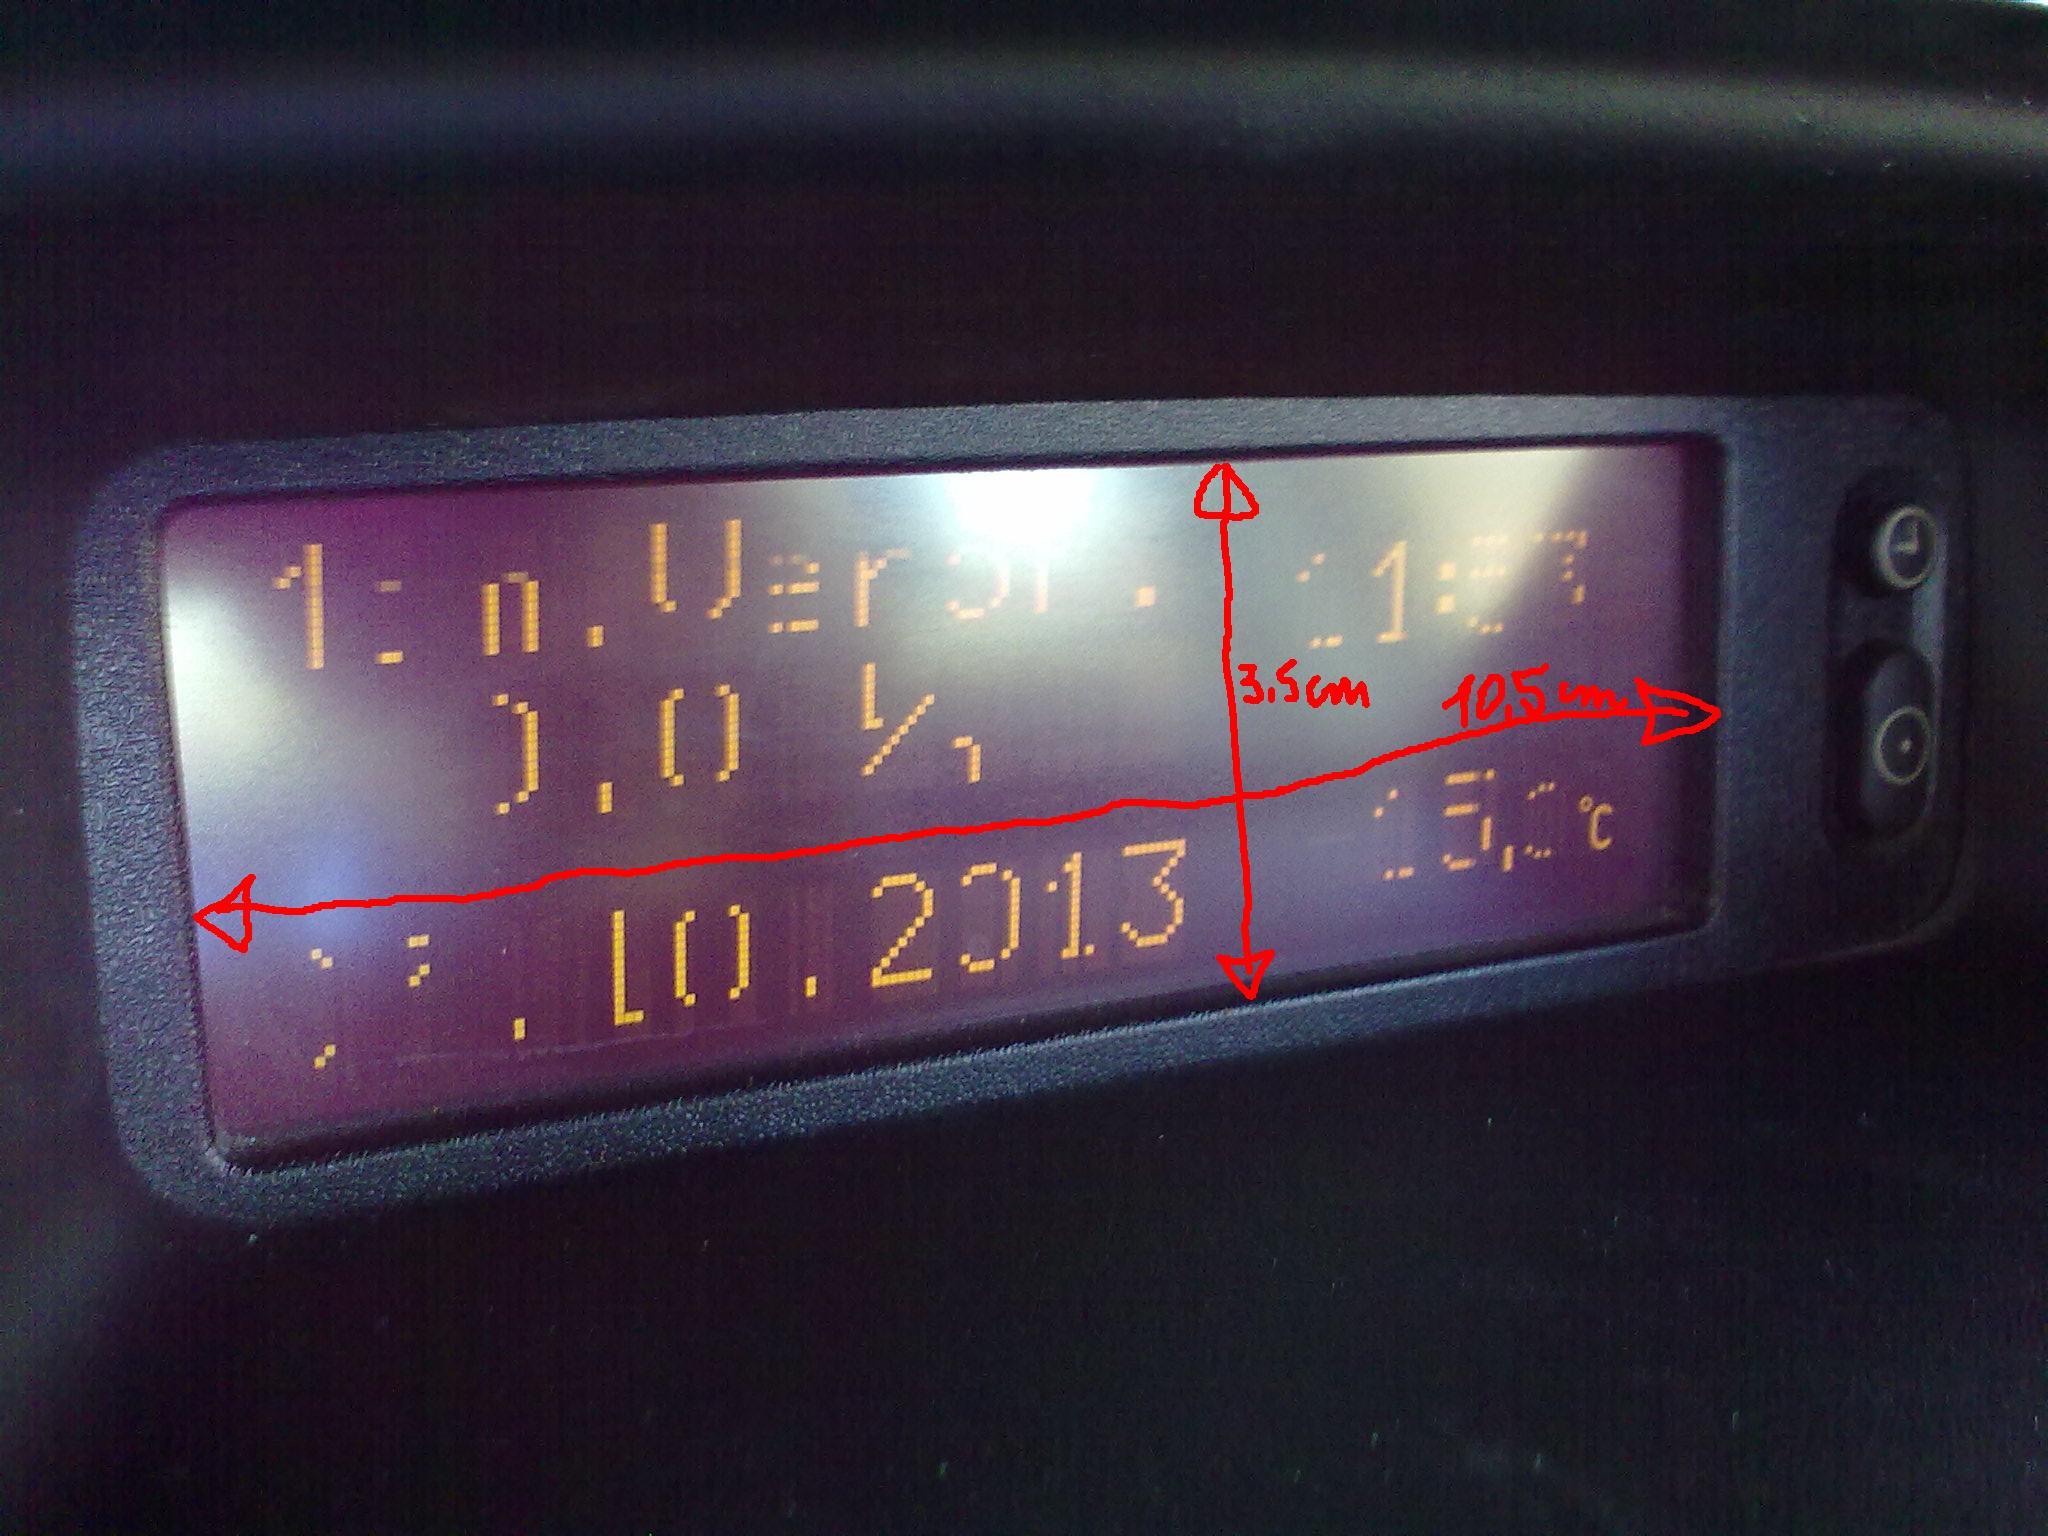 Opel Astra II - Wy�wietlacz, jaki to??